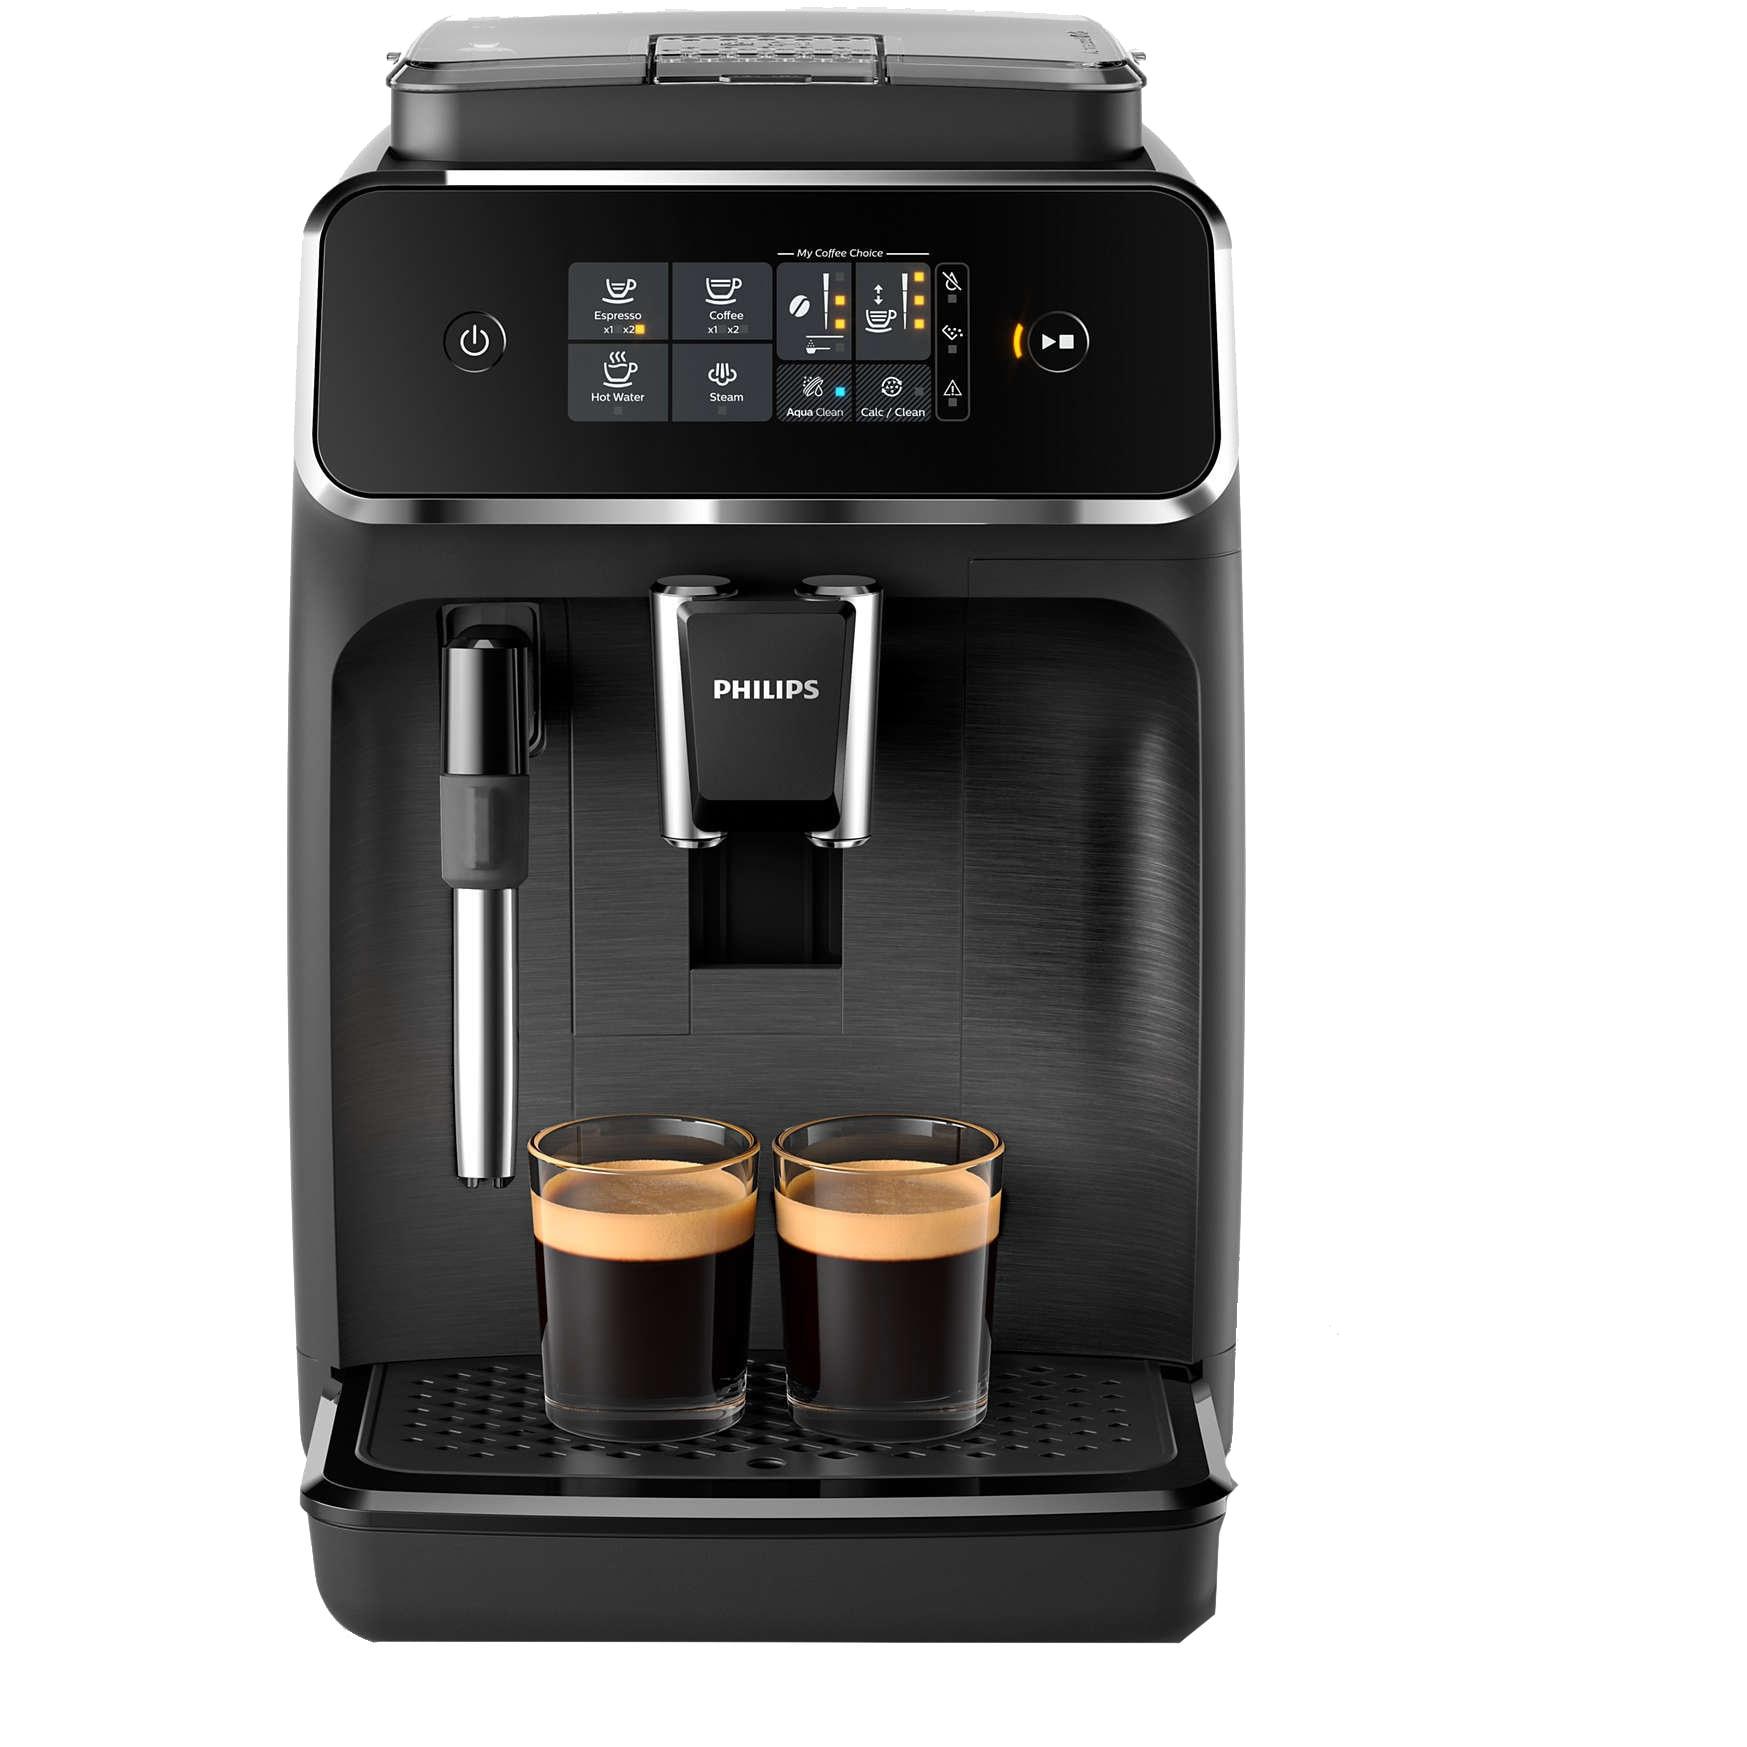 Fotografie Espressor automat Philips EP2220/10, sistem de spumare a laptelui, 2 bauturi, filtru AquaClean, rasnita ceramica, optiune cafea macinata, Negru